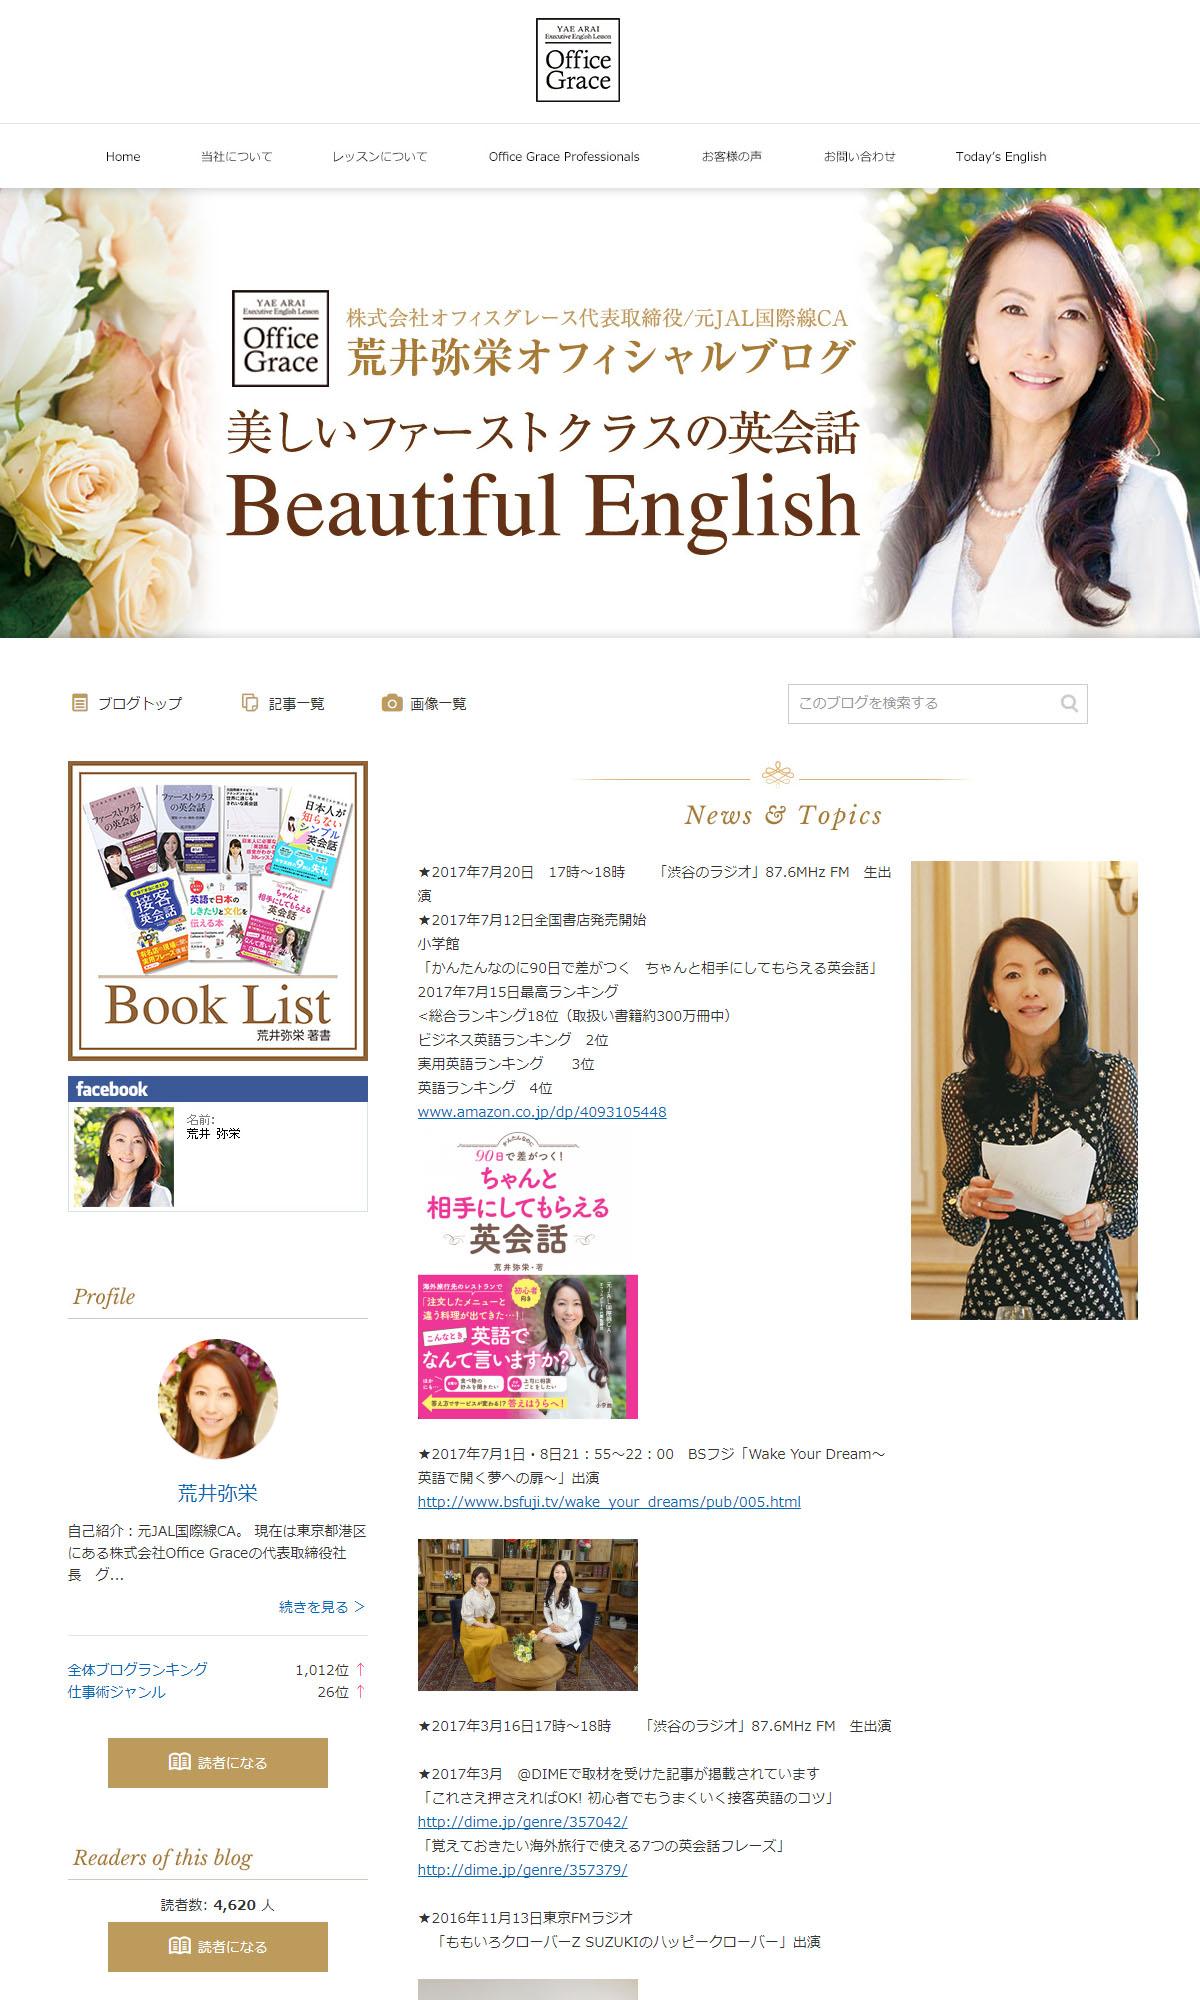 荒井弥栄オフィシャルブログ「Beautiful English」